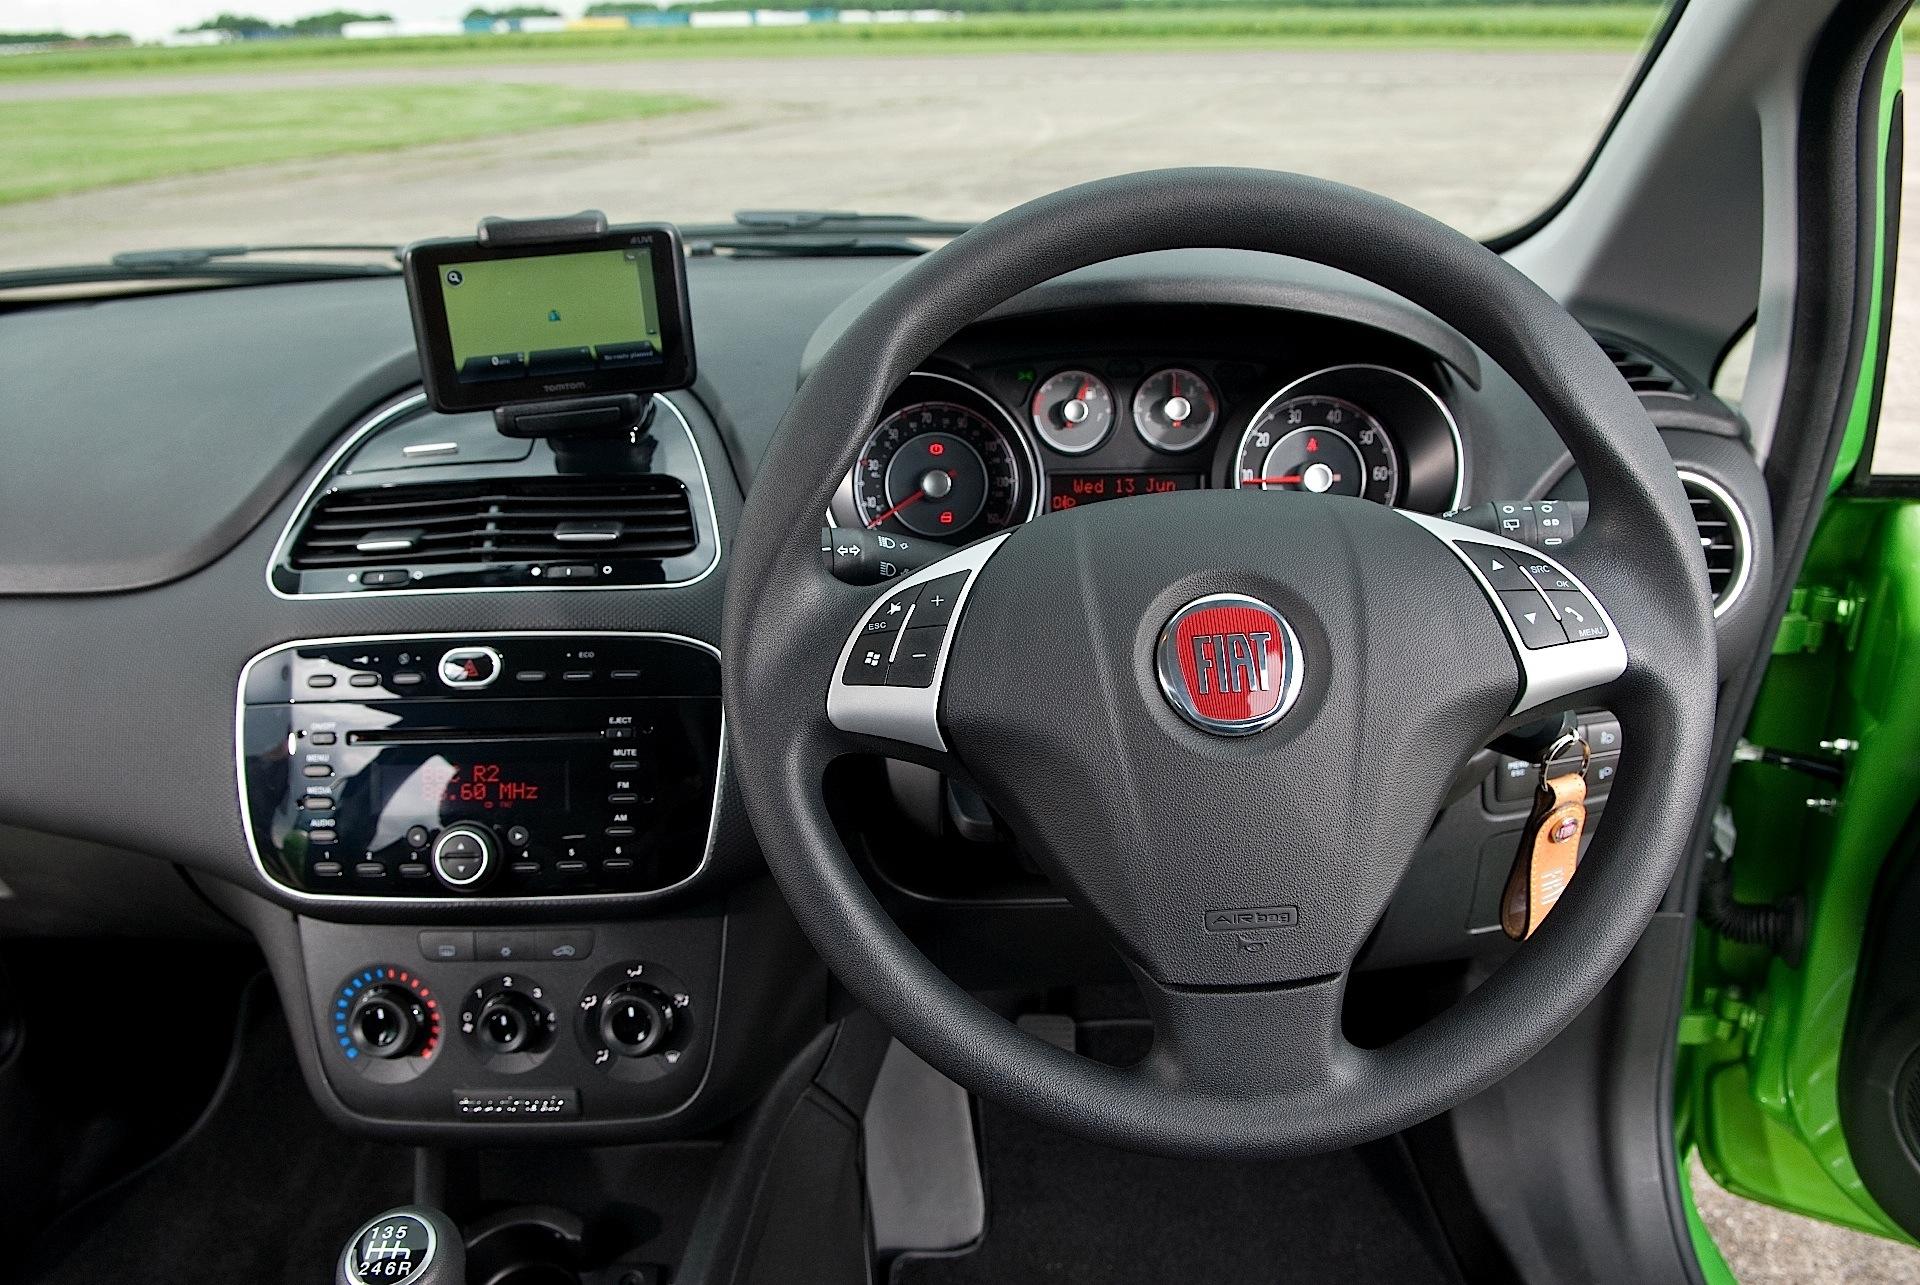 Fiat Punto 3 Doors Specs 2012 2013 2014 2015 2016